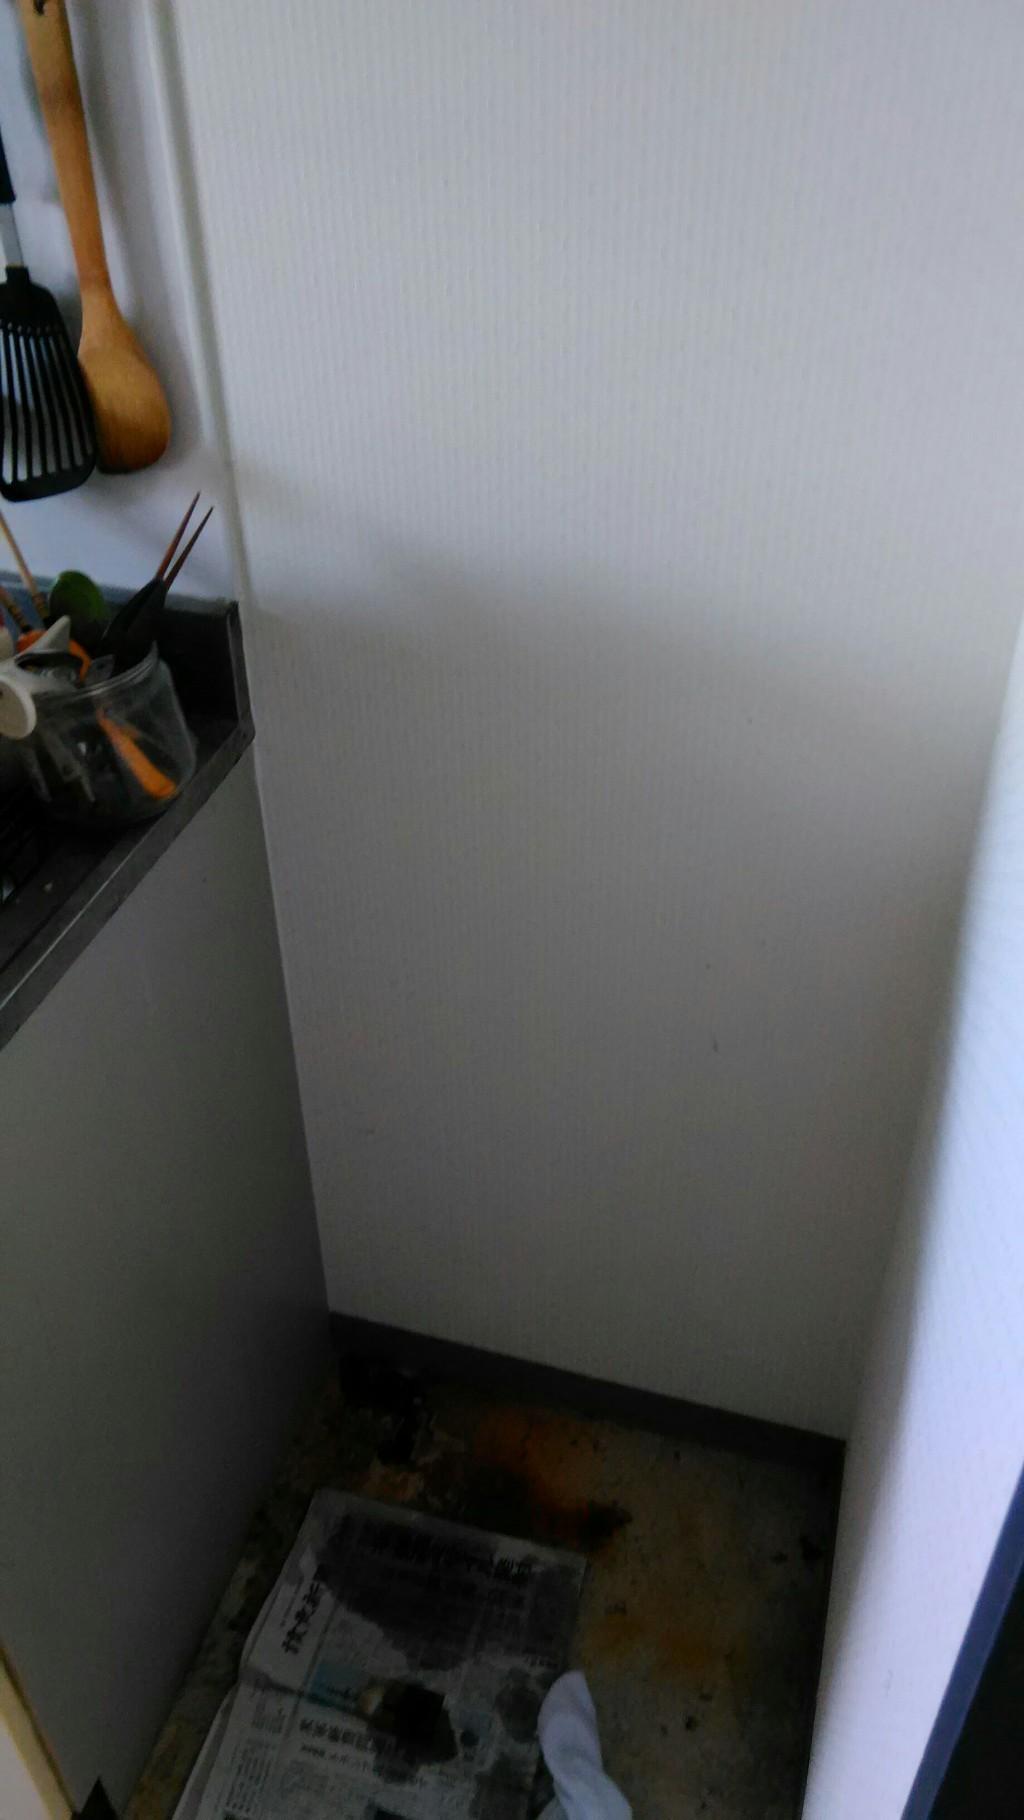 【富山県朝日町】冷蔵庫など軽トラック一台程度の不用品回収☆スタッフの対応の早さに満足していただきました!